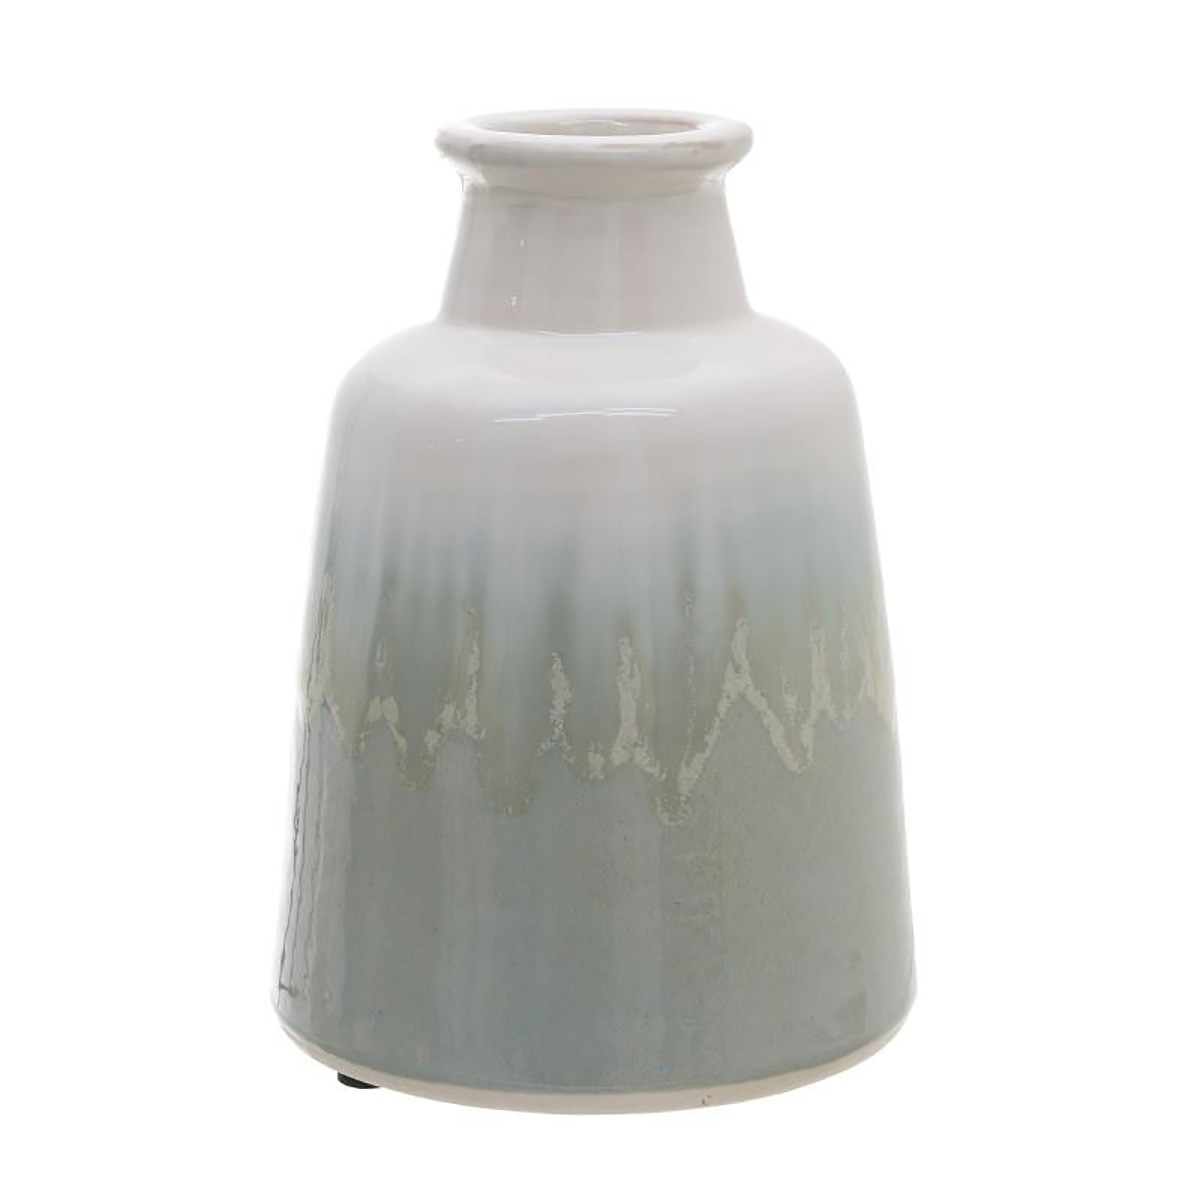 Διακοσμητικό Βάζο InArt 3-70-663-0227 72810